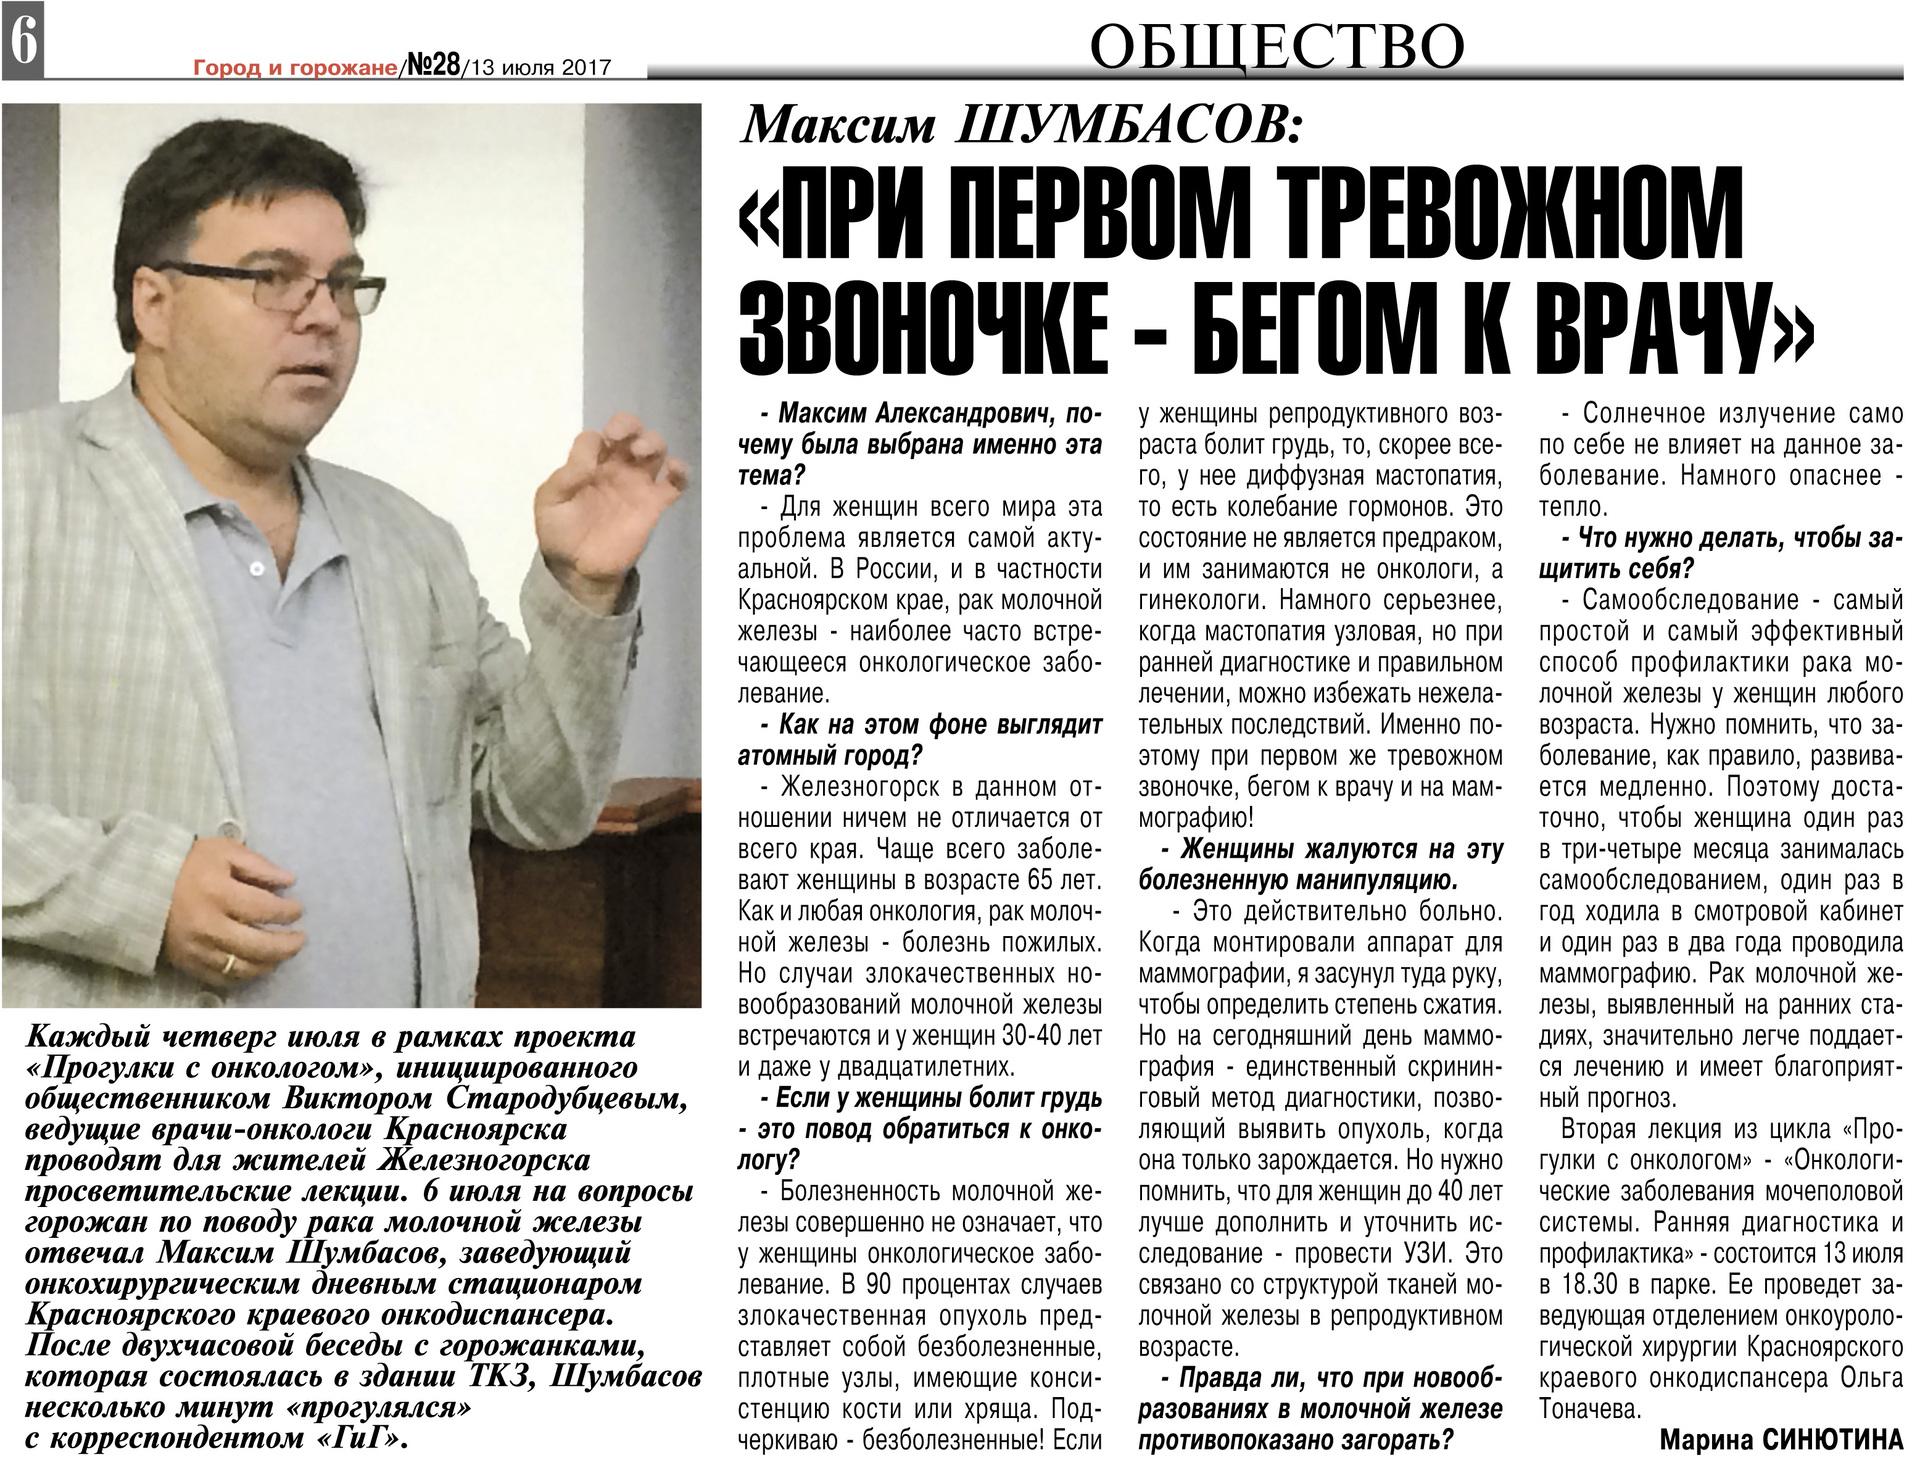 Газета «Город и горожане» от 13.07.17 г.